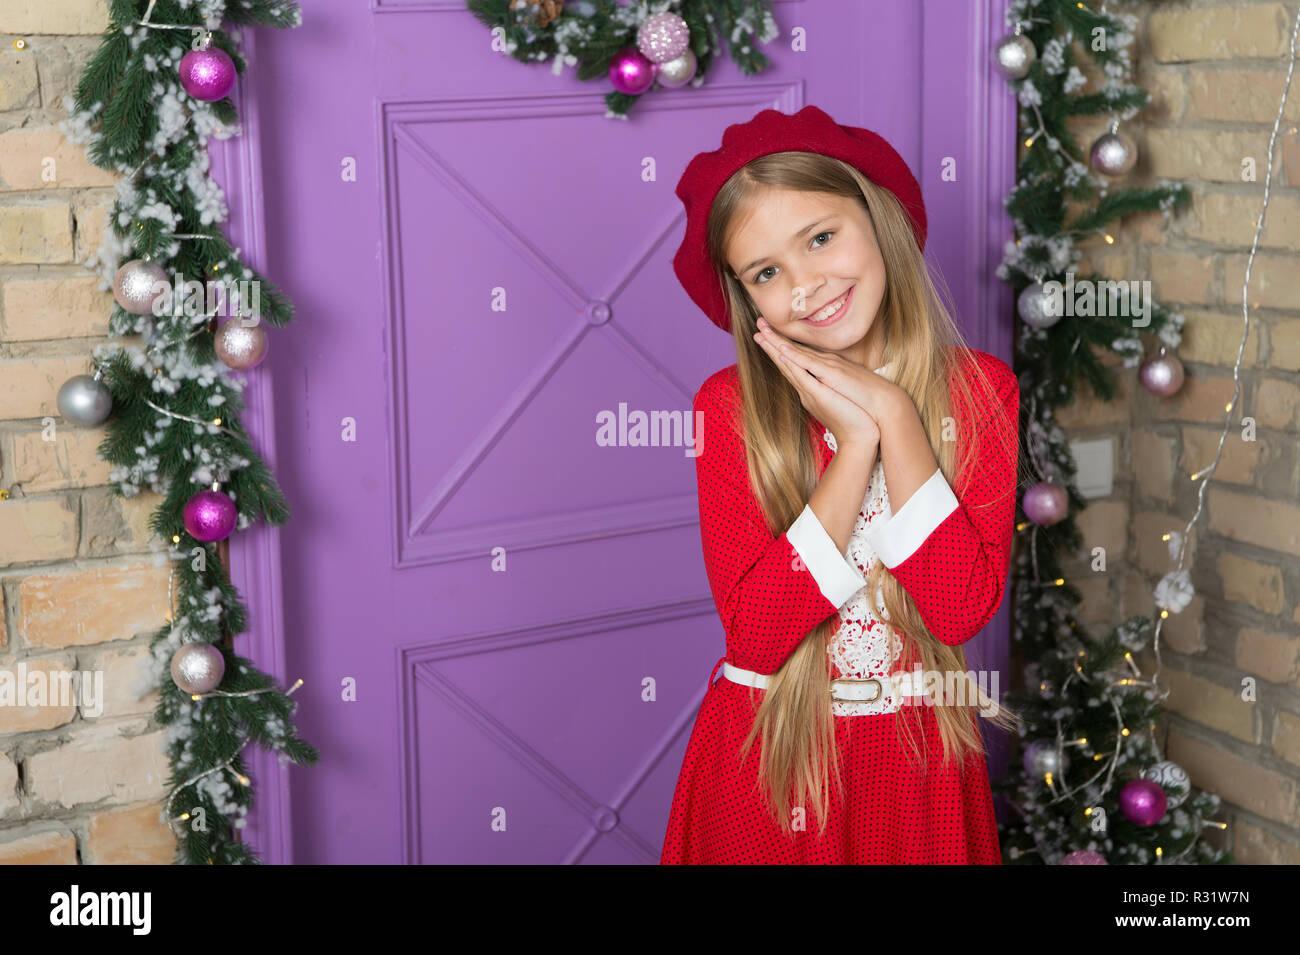 Geschenke Für Eltern Zu Weihnachten.Bitte Konzept Mädchen Cute Kid Betteln Für Geschenk Wie Eltern